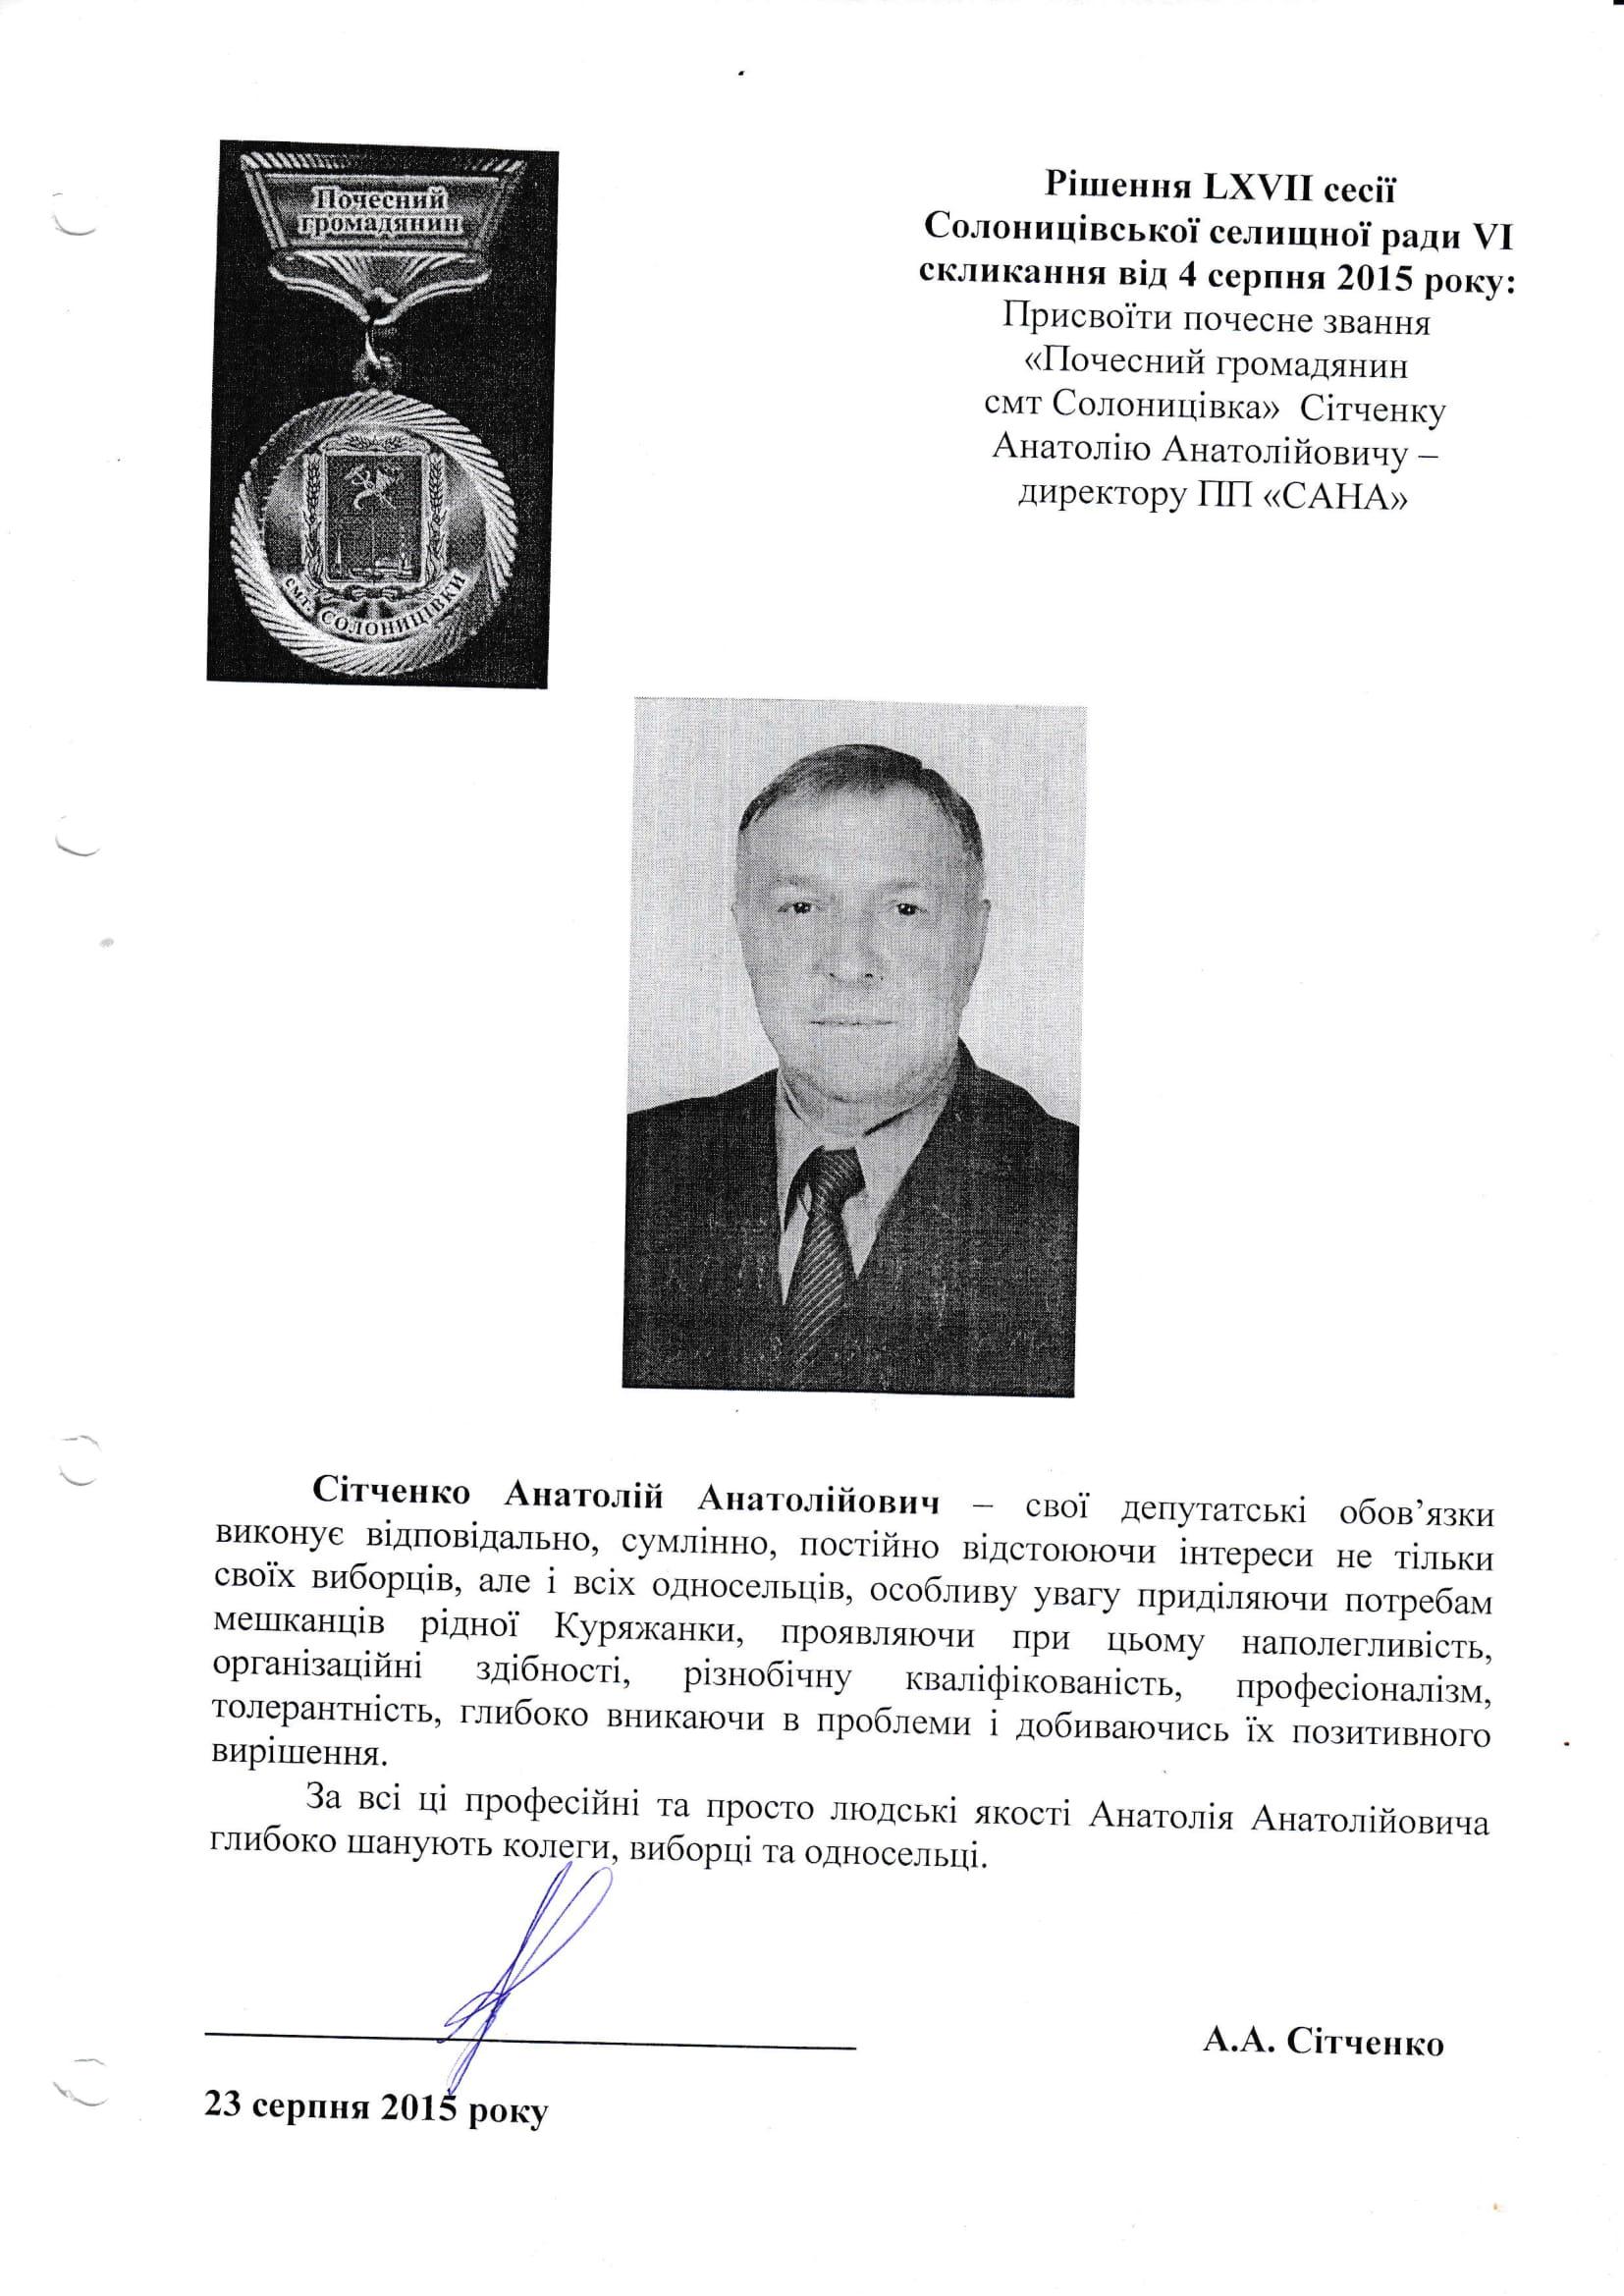 Сітченко Анатолій Анатолійович